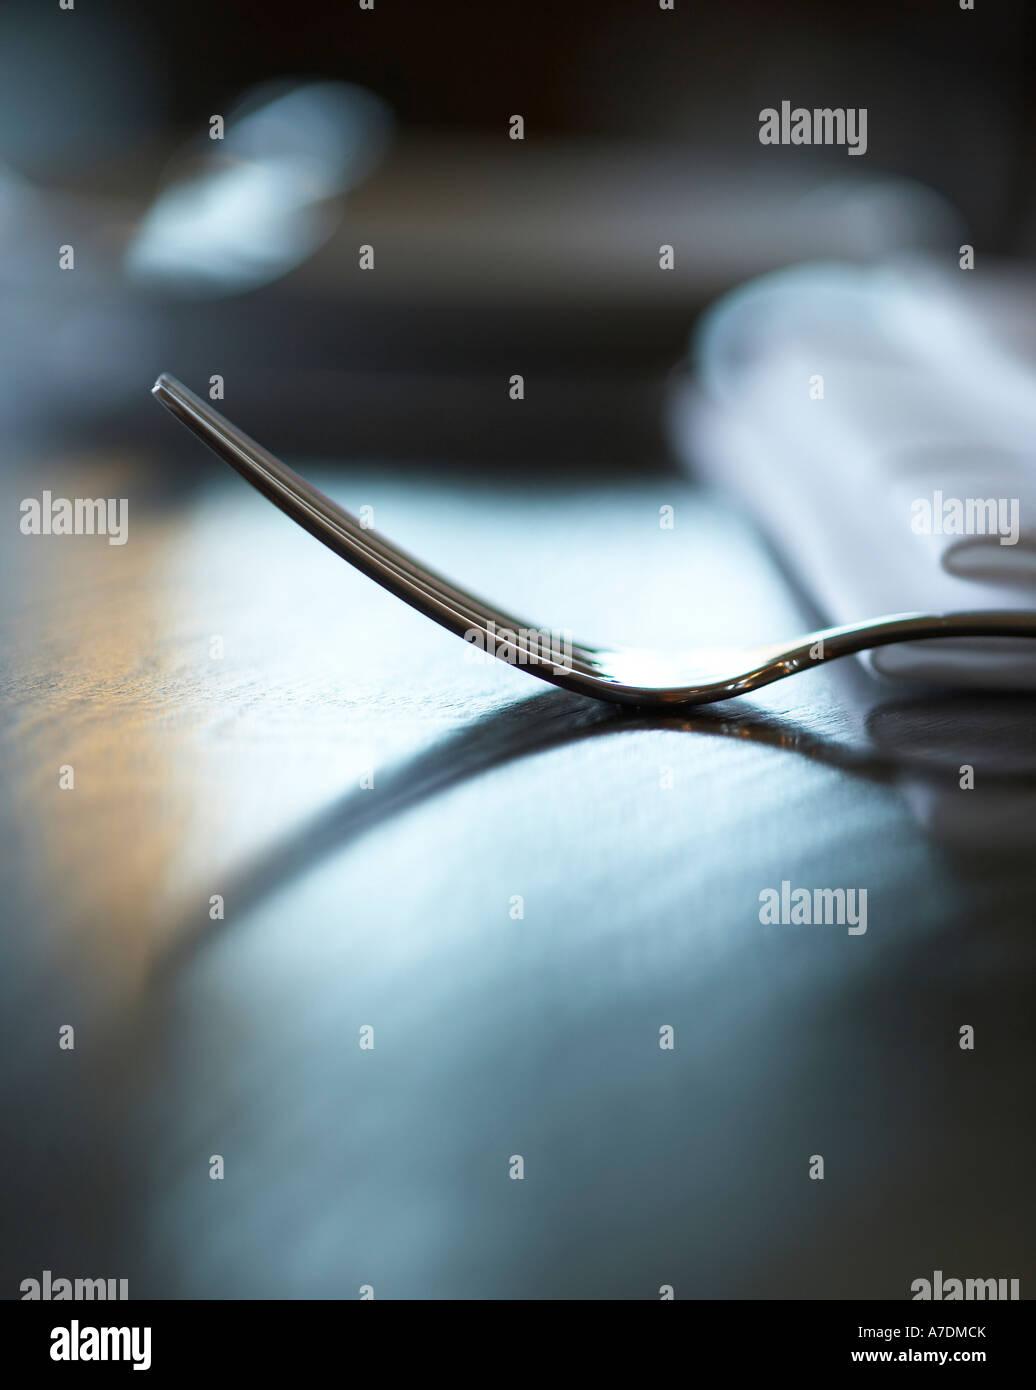 Fourchette dans un restaurant Photo Stock